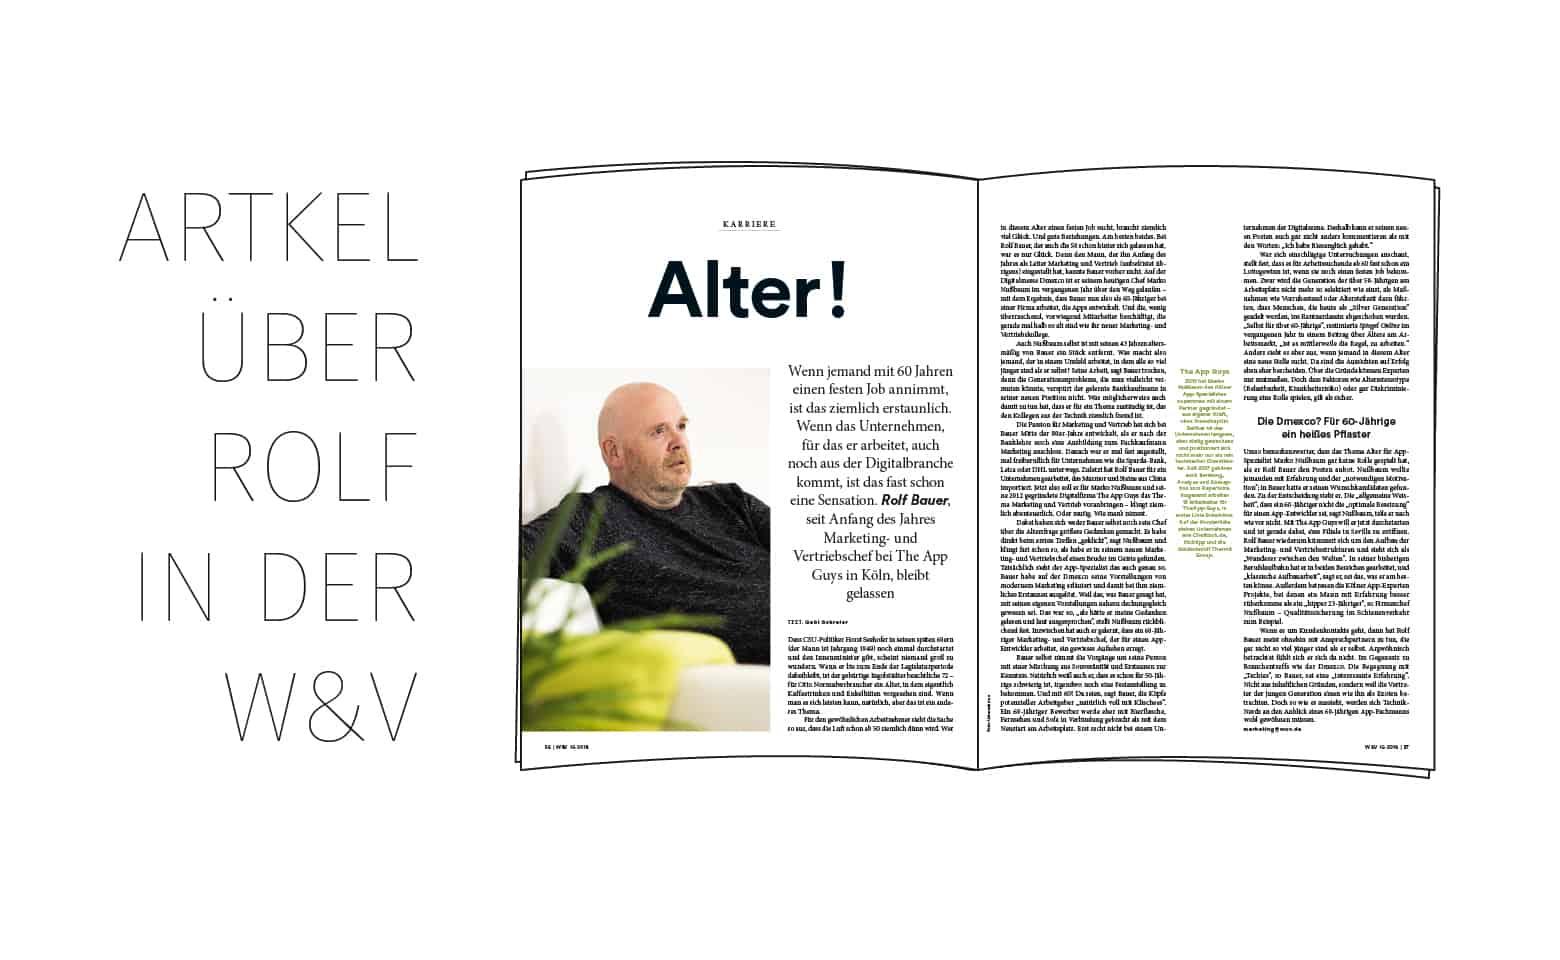 Mit 60 Jahren einen festen Job in der Digitalbranche annehmen, ist das ziemlich erstaunlich. Rolf Bauer ist Marketingschef bei TheAppGuys in Köln.